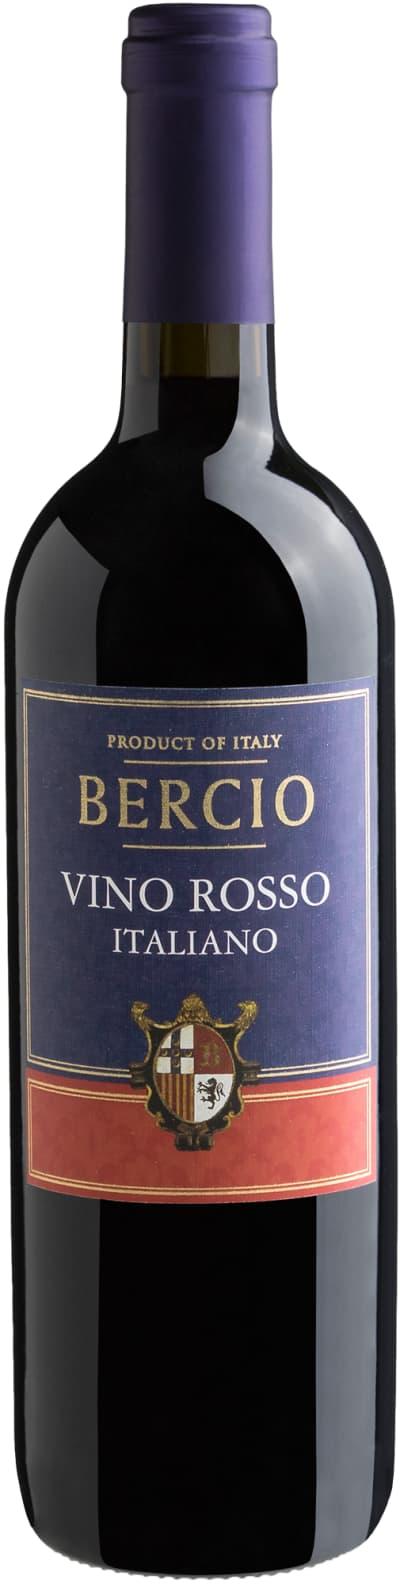 Bercio Vino Rosso